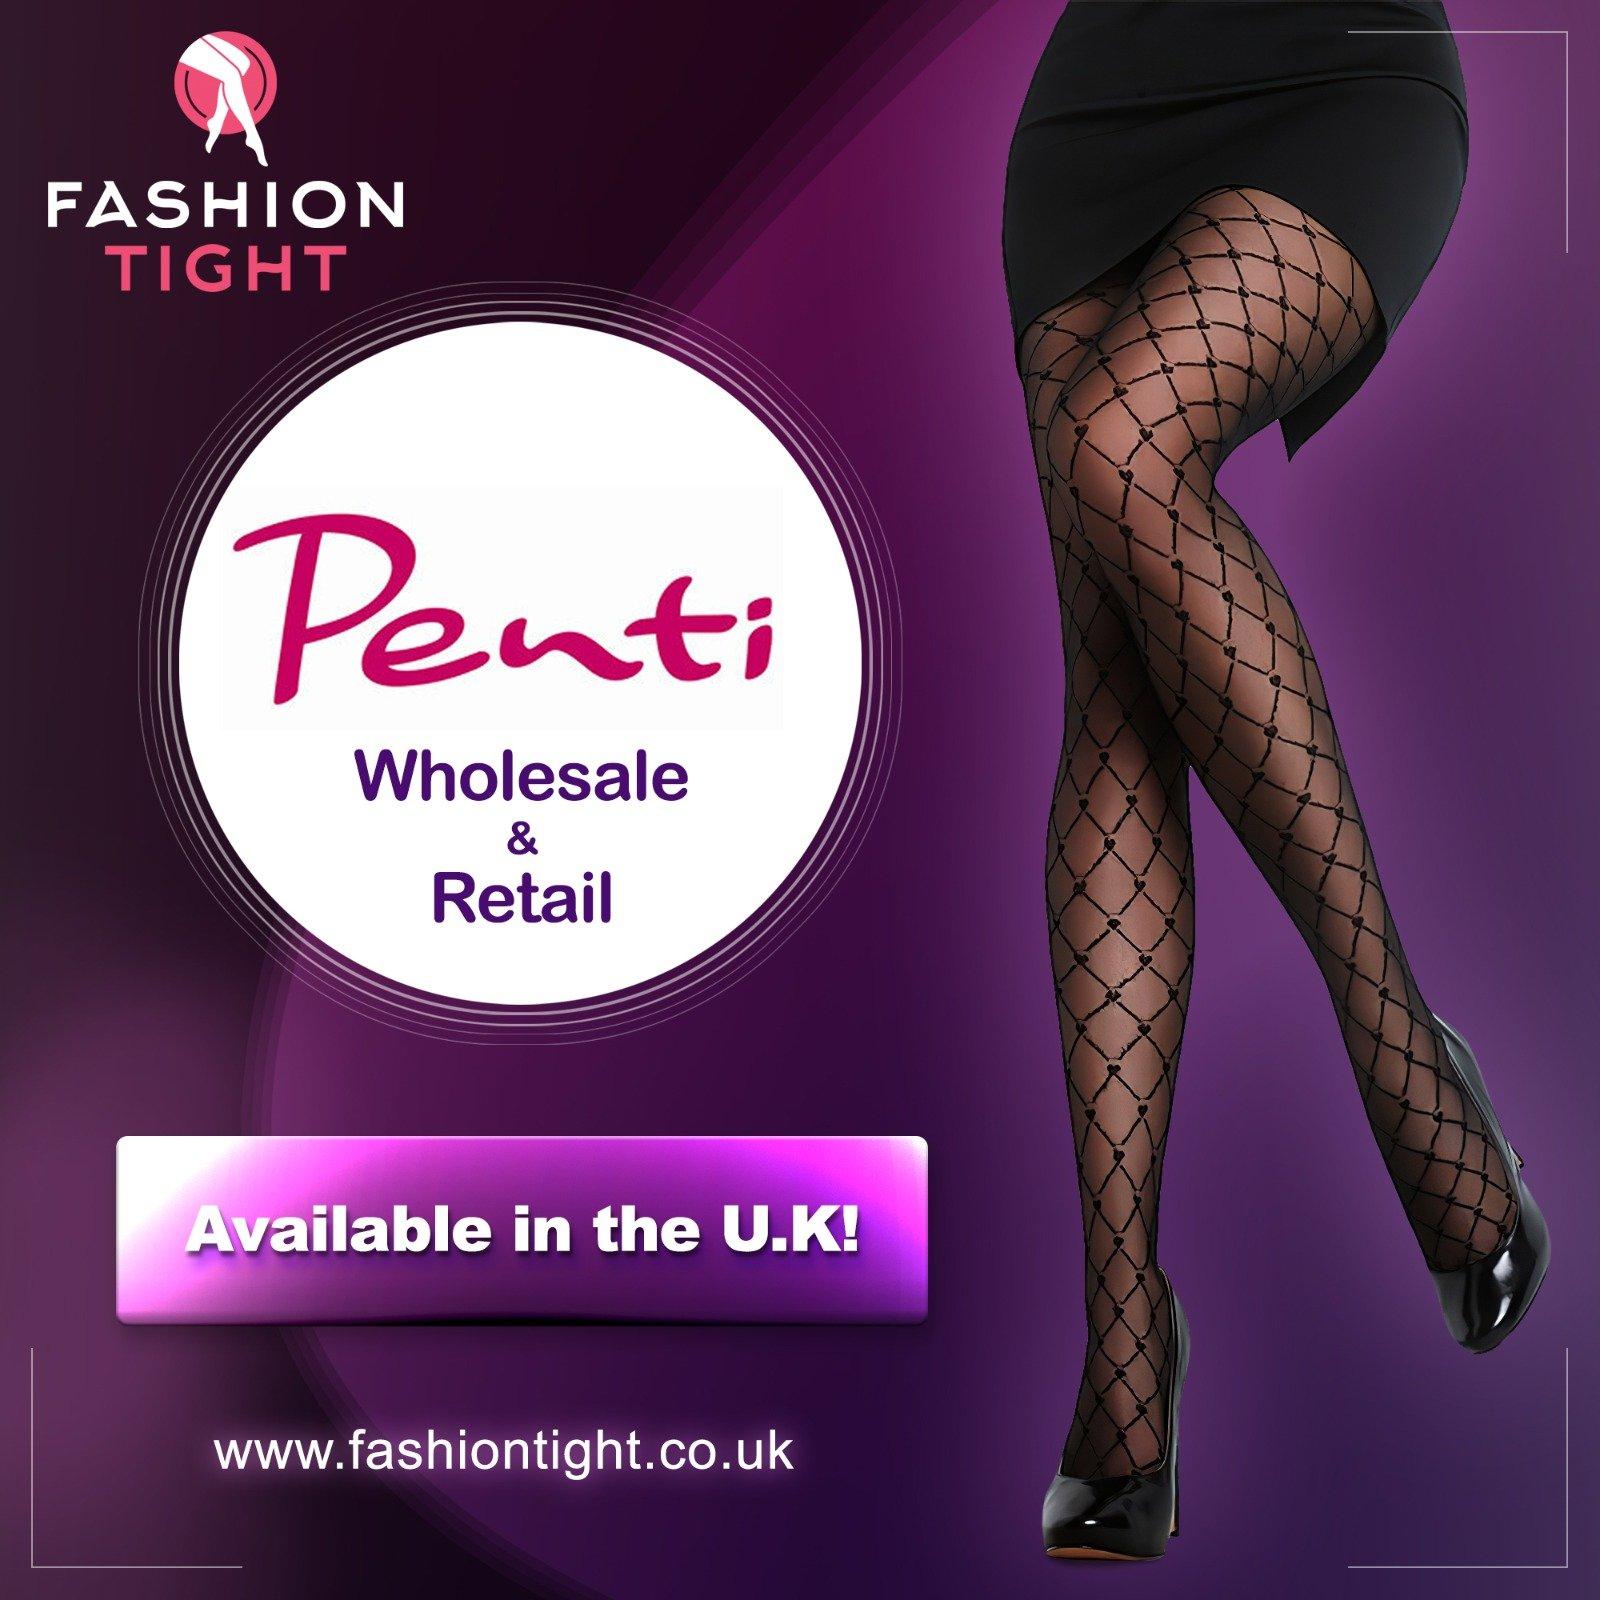 Penti Çorapları Şimdi İngiltere'de